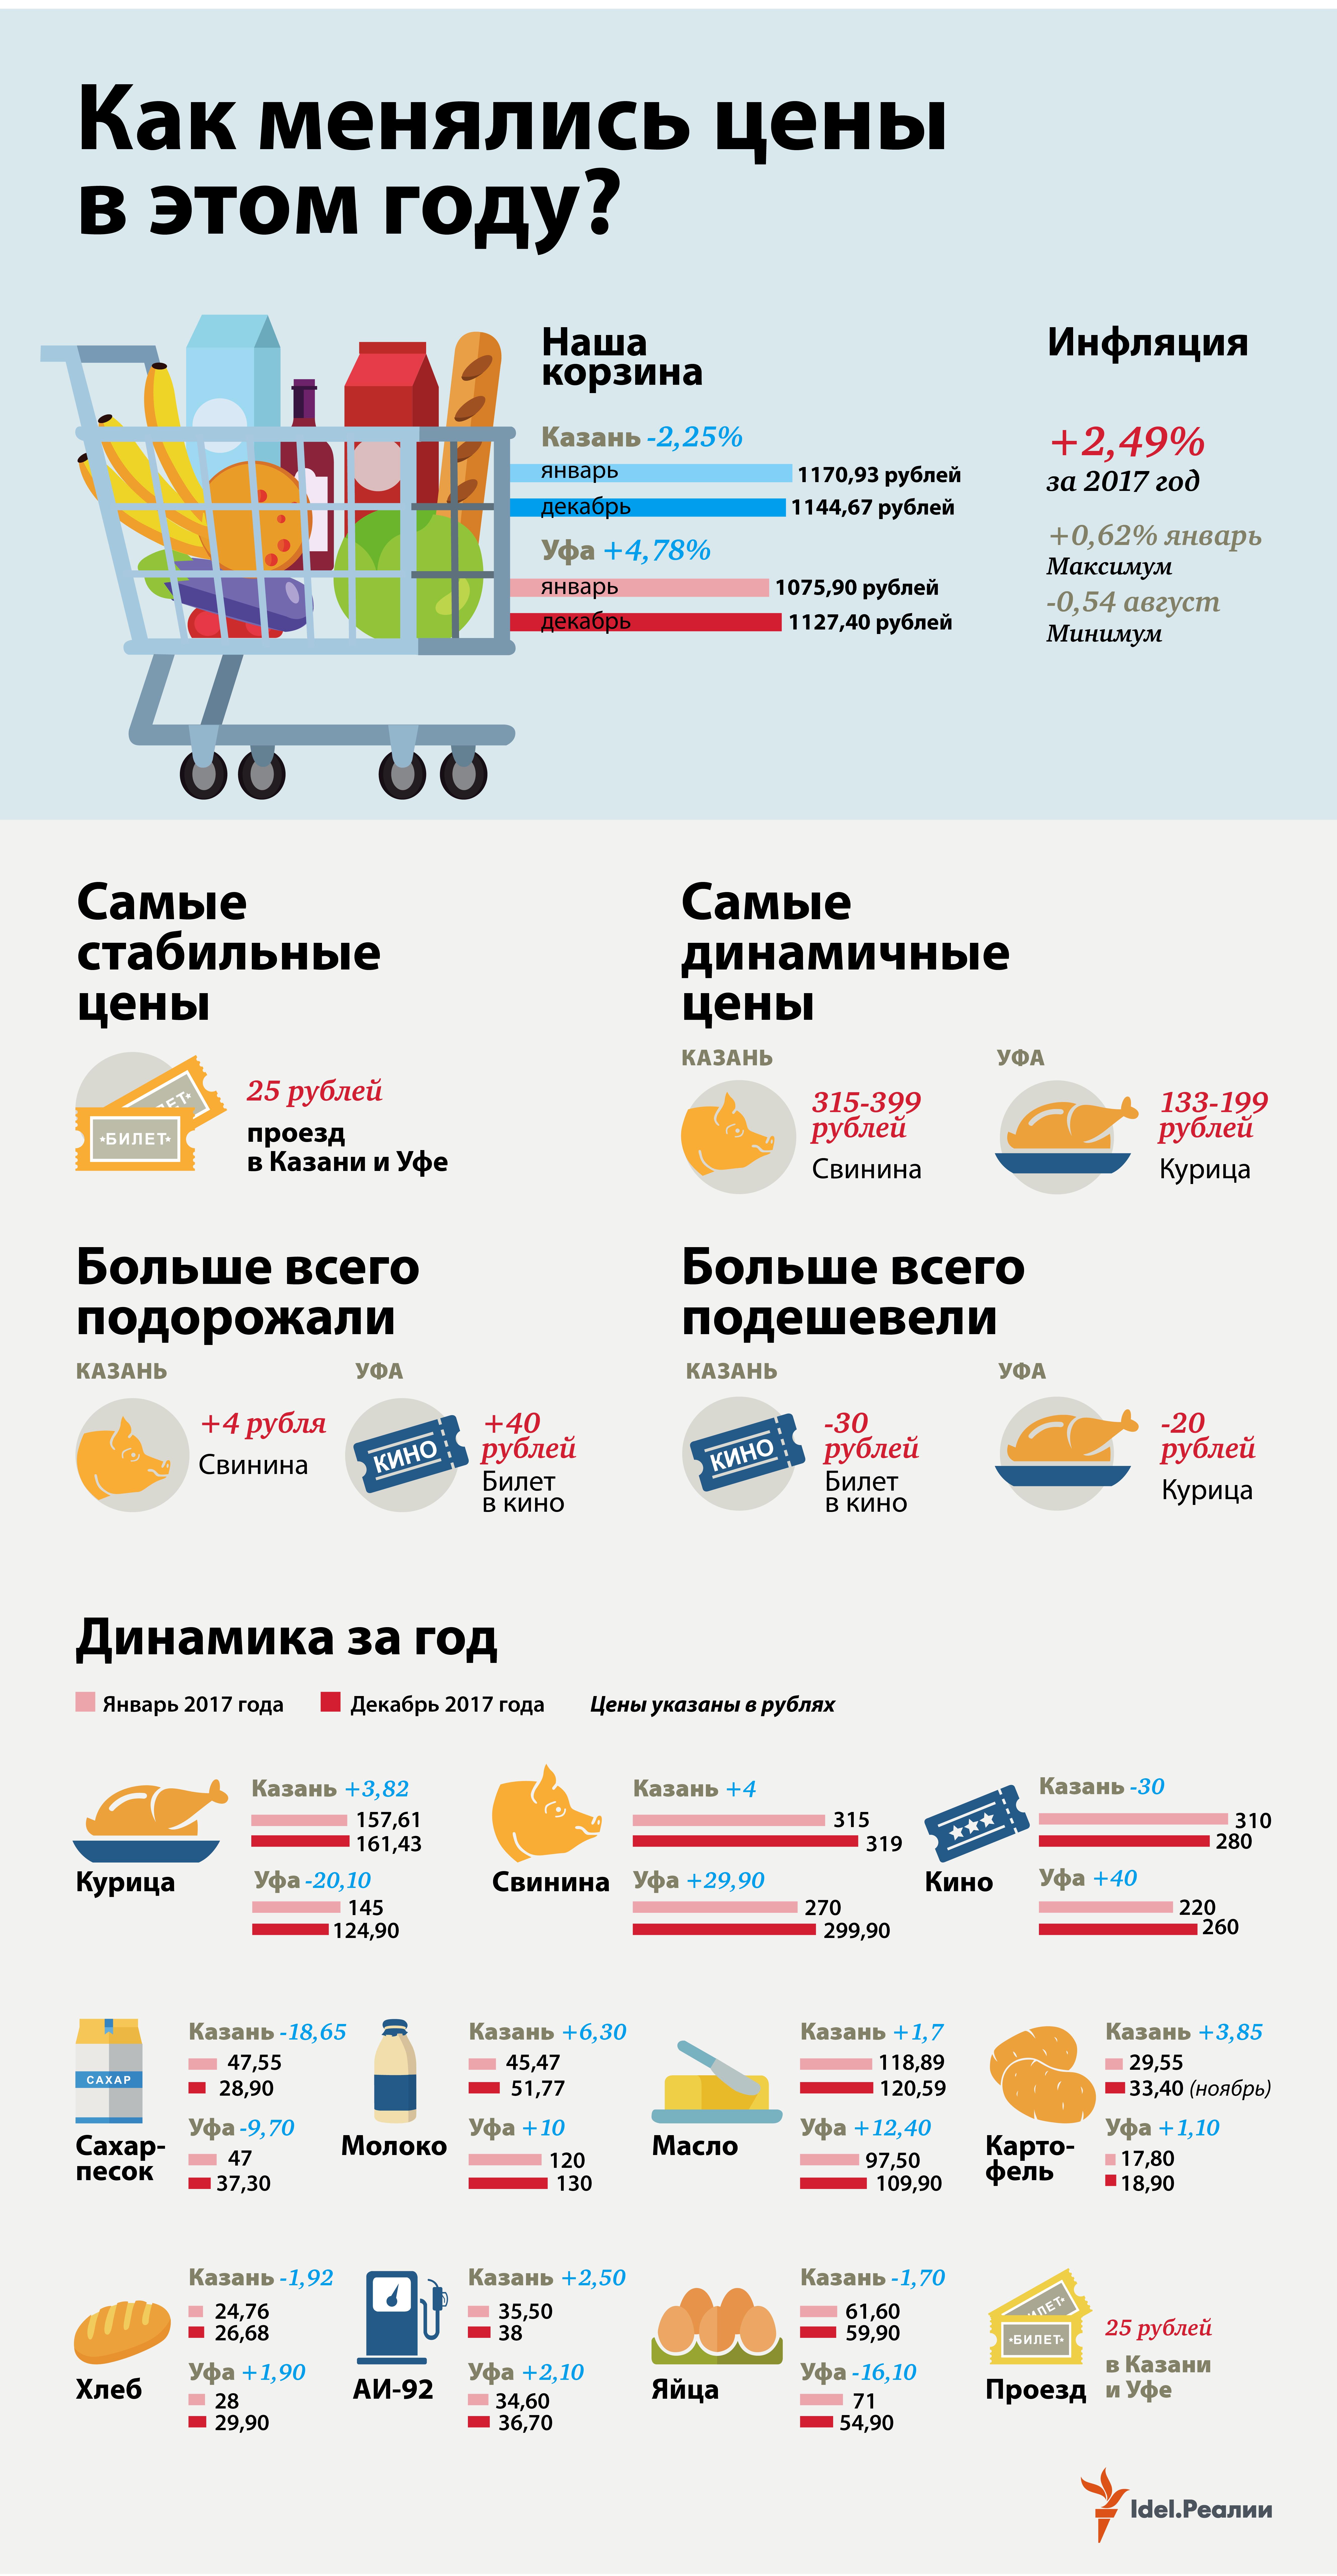 9ebcc2995b86 А вот овощей, фруктов, ягод и других продуктов россияне употребляют  недостаточно.